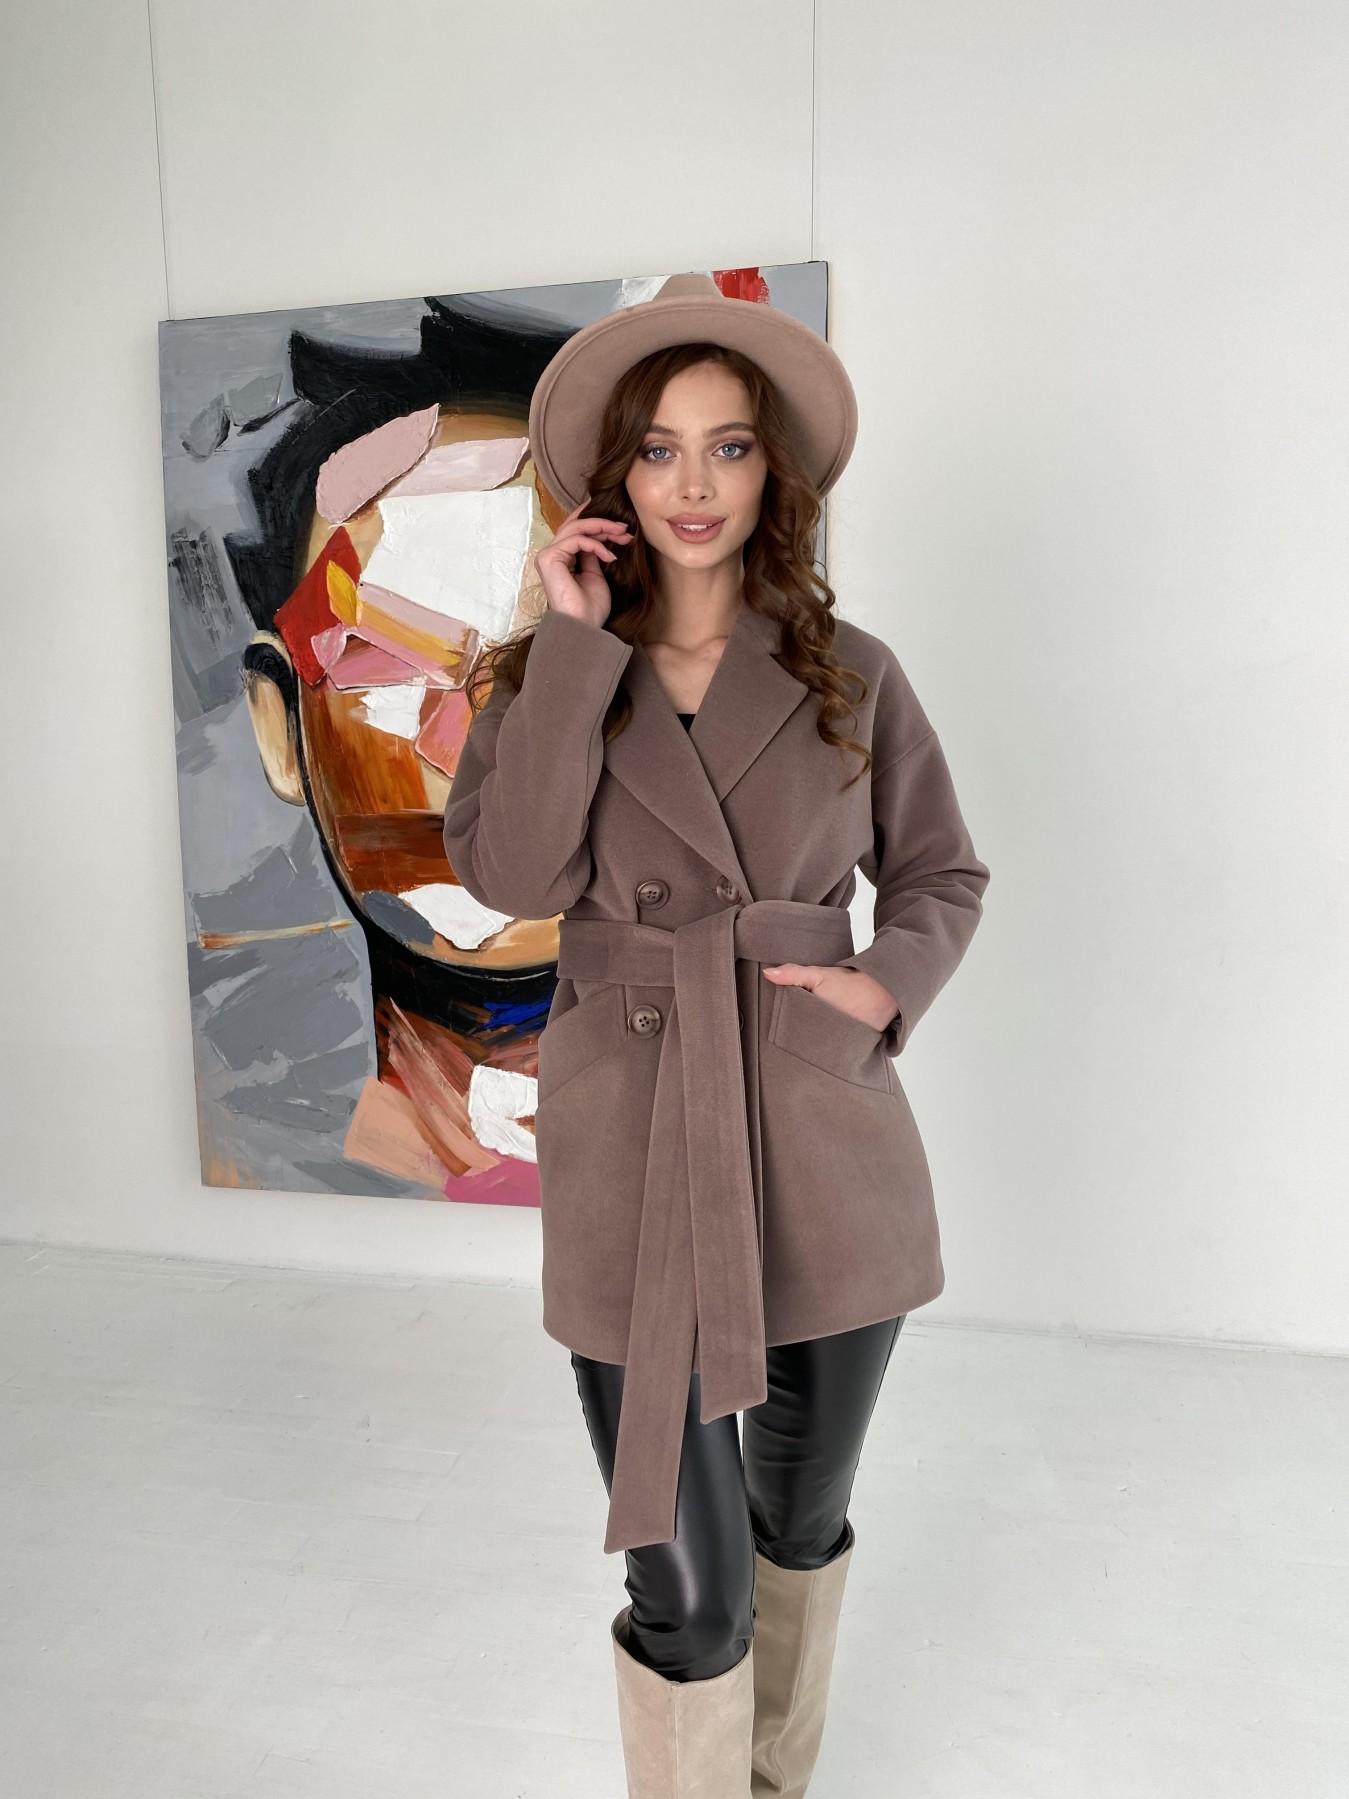 Бонд пальто кашемировое на трикотаже 10642 АРТ. 47009 Цвет: Кофе - фото 8, интернет магазин tm-modus.ru